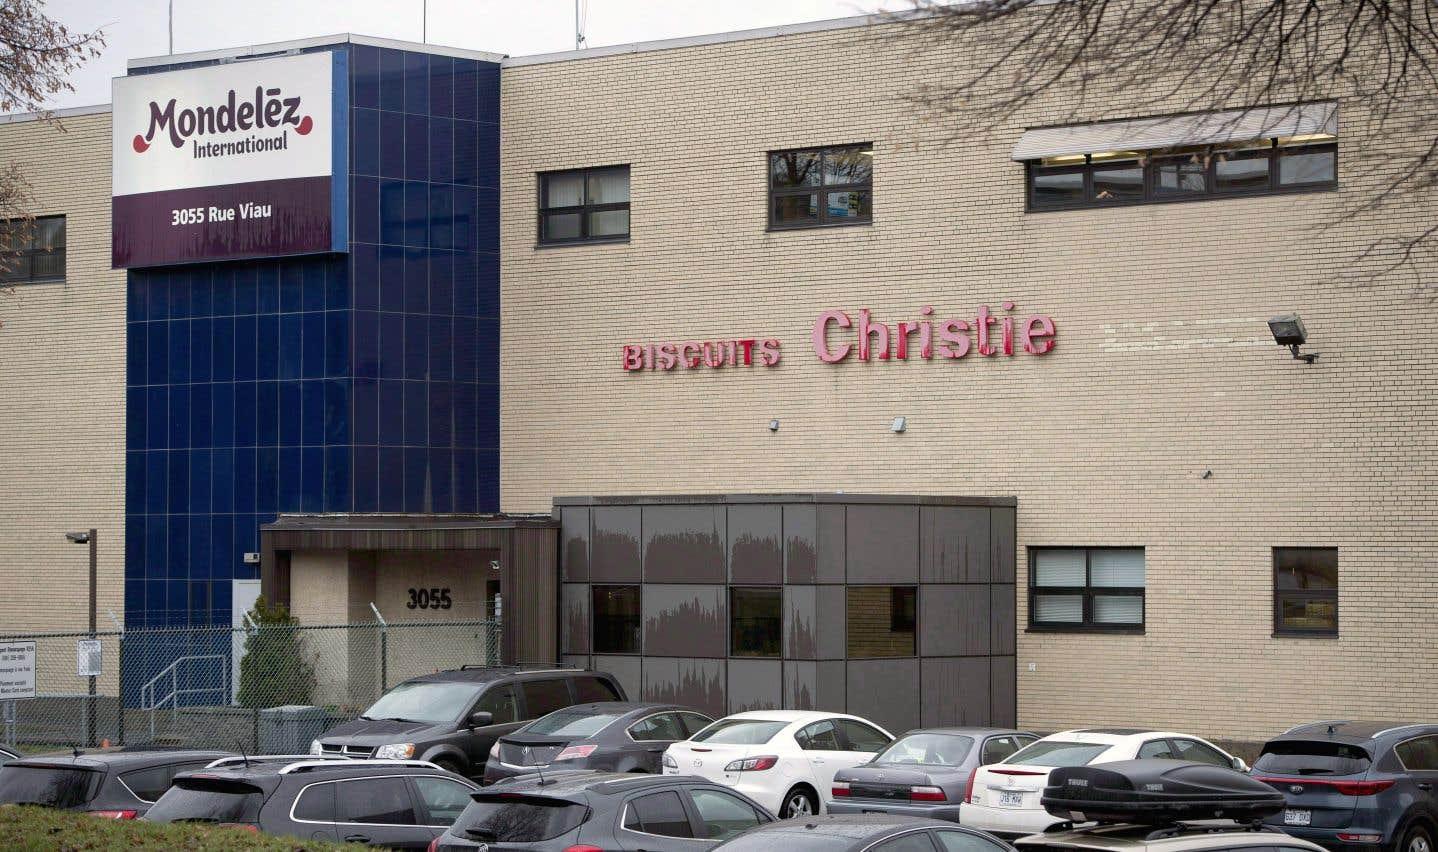 Mondelez International fermera pour de bon son usine montréalaise rue Viau.